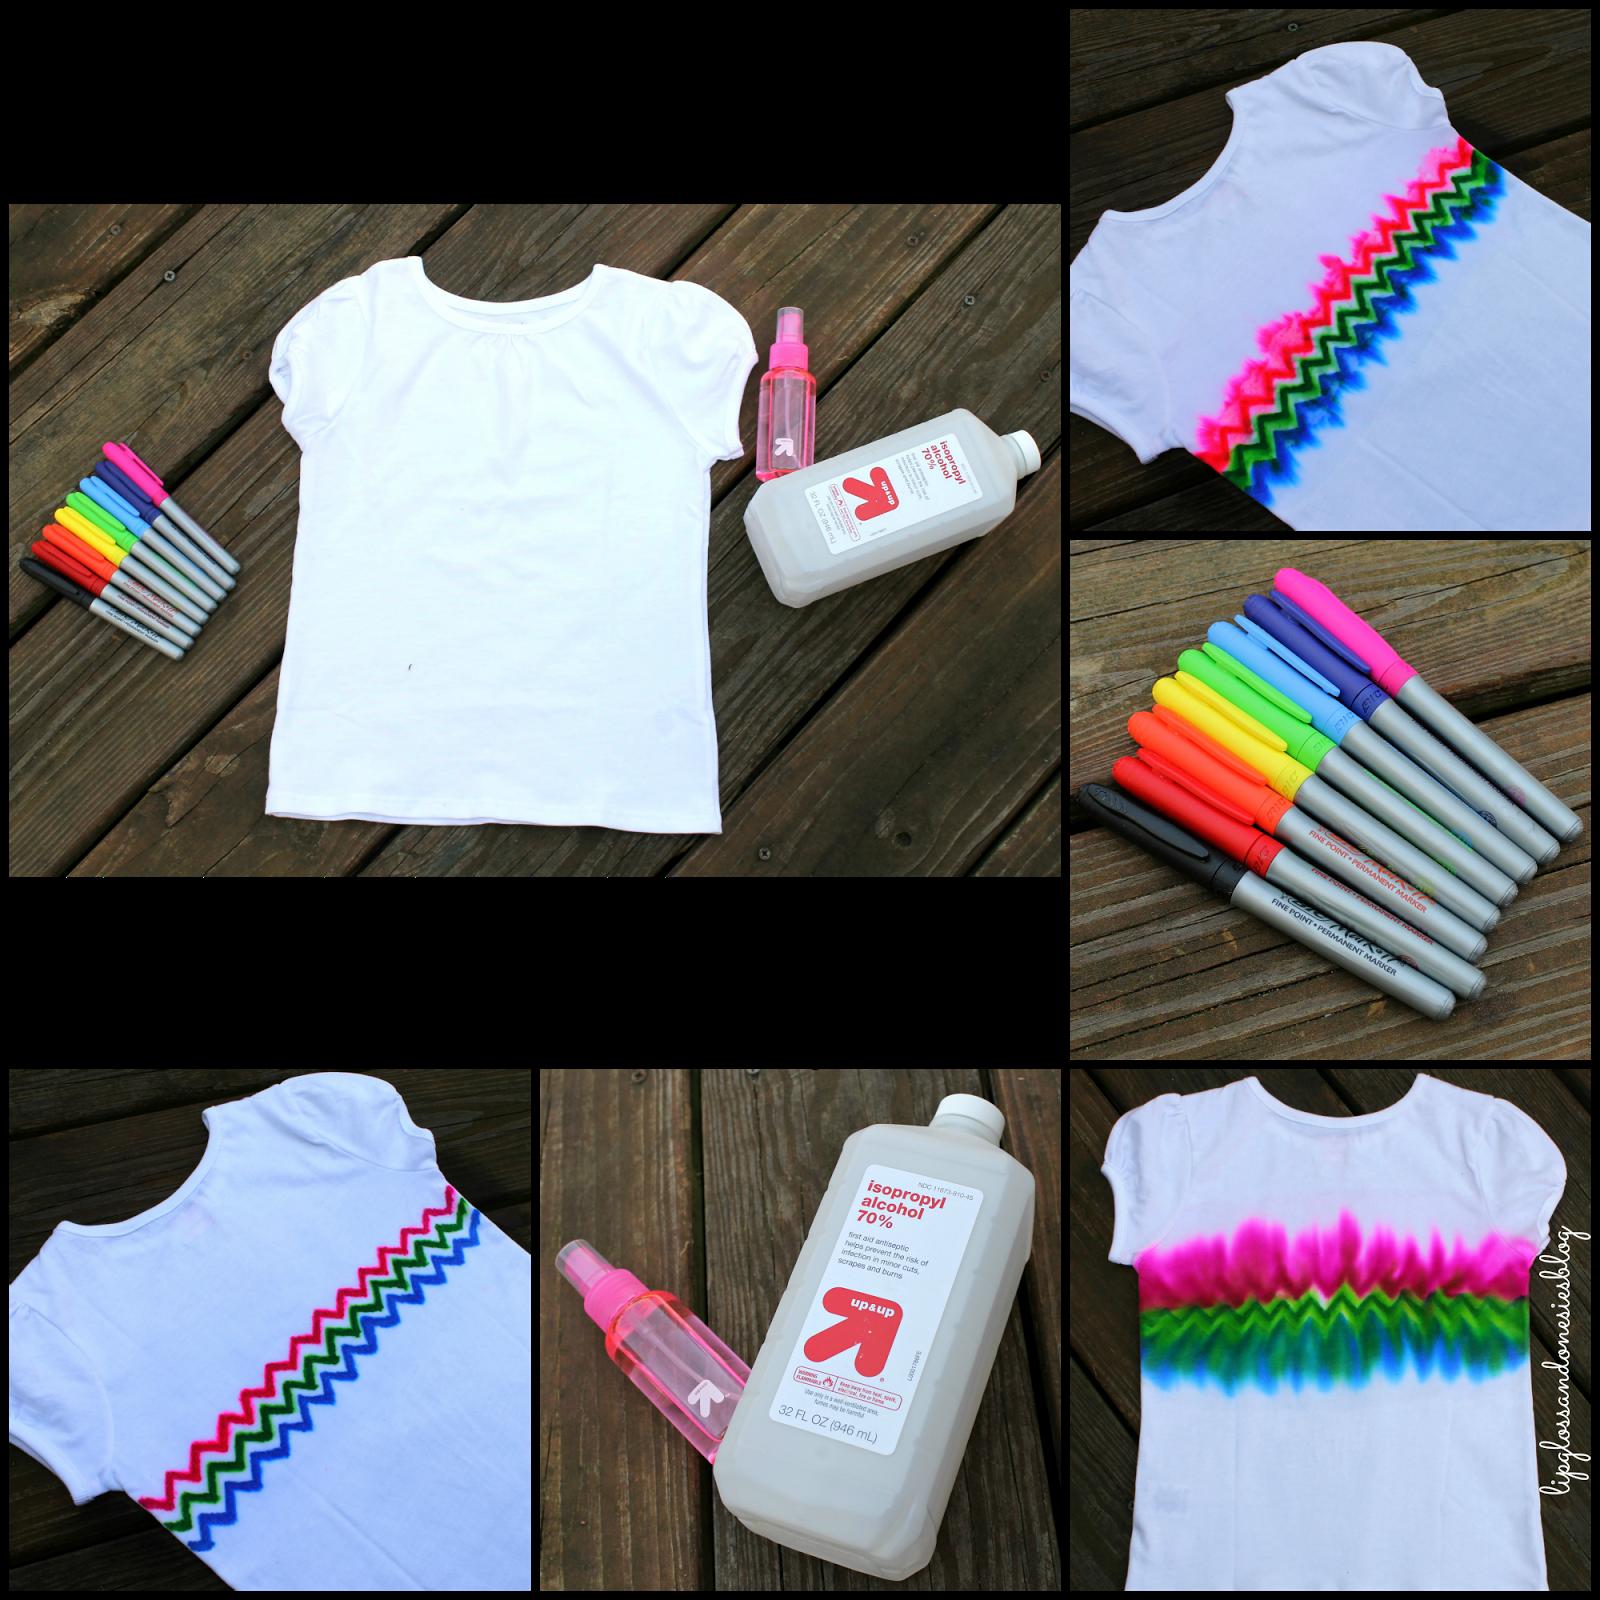 Como Decorar Camisetas Ideas En Tela Pinterest Customiza O Caneta E Fa A Voc Mesmo F Cil